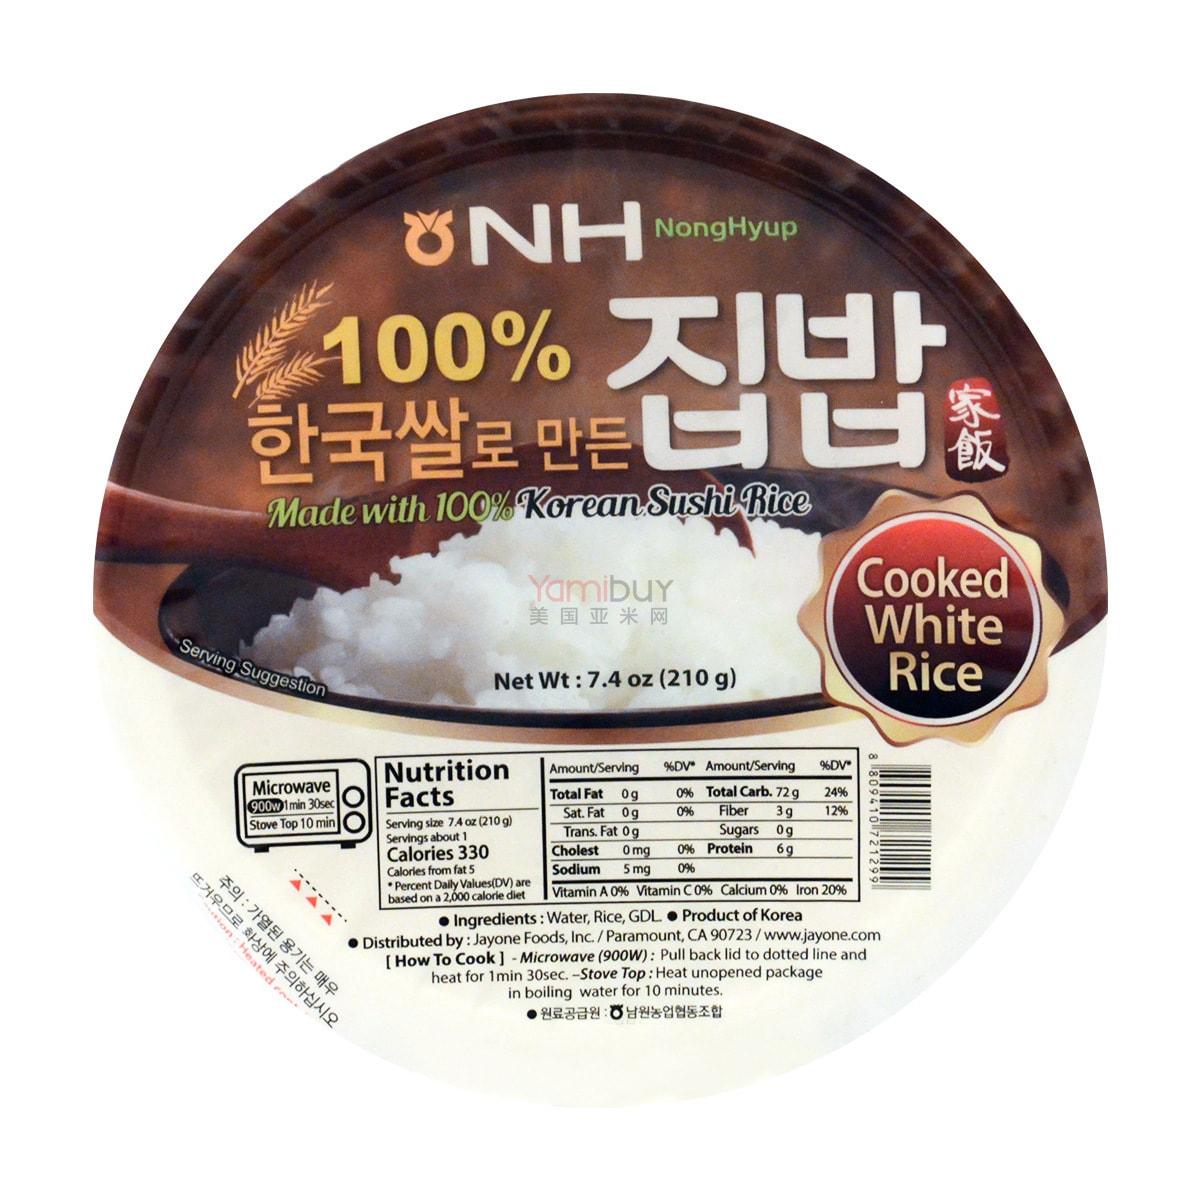 韩国NONGHYUP 微波即食米饭 210g